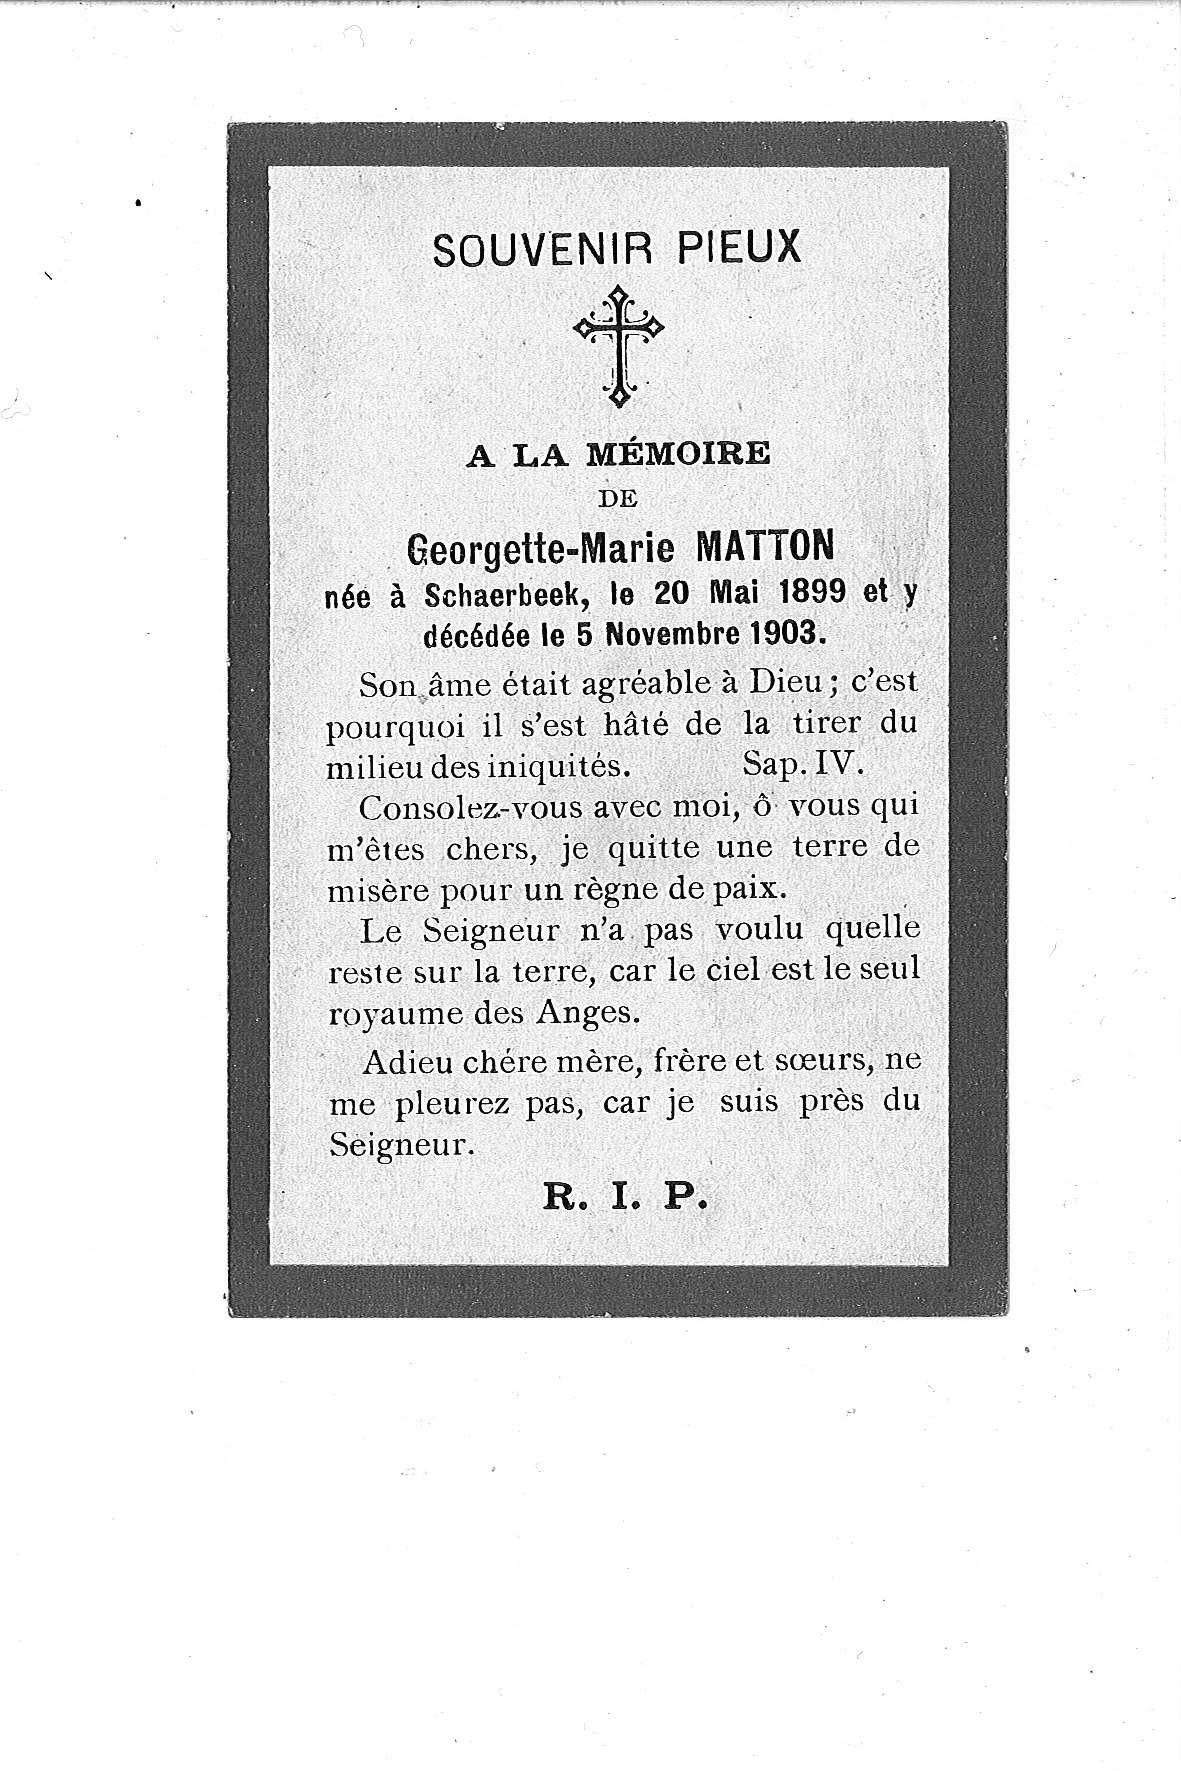 Georgette-Marie(1903)20100204132323_00020.jpg